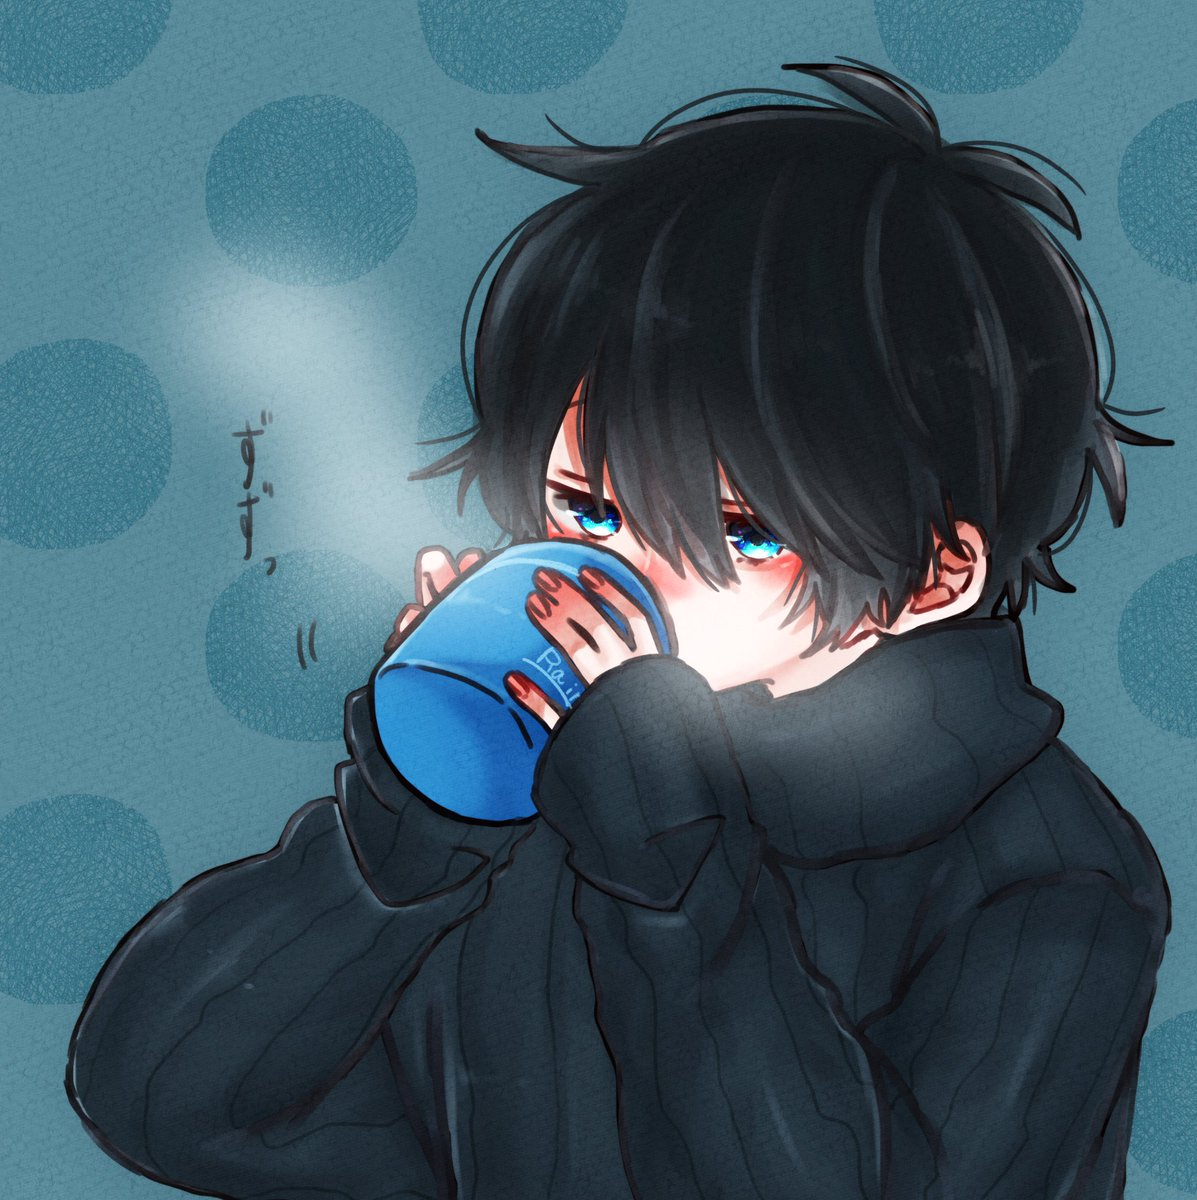 そらるさんにホットミルク飲ませたら熱かったようです